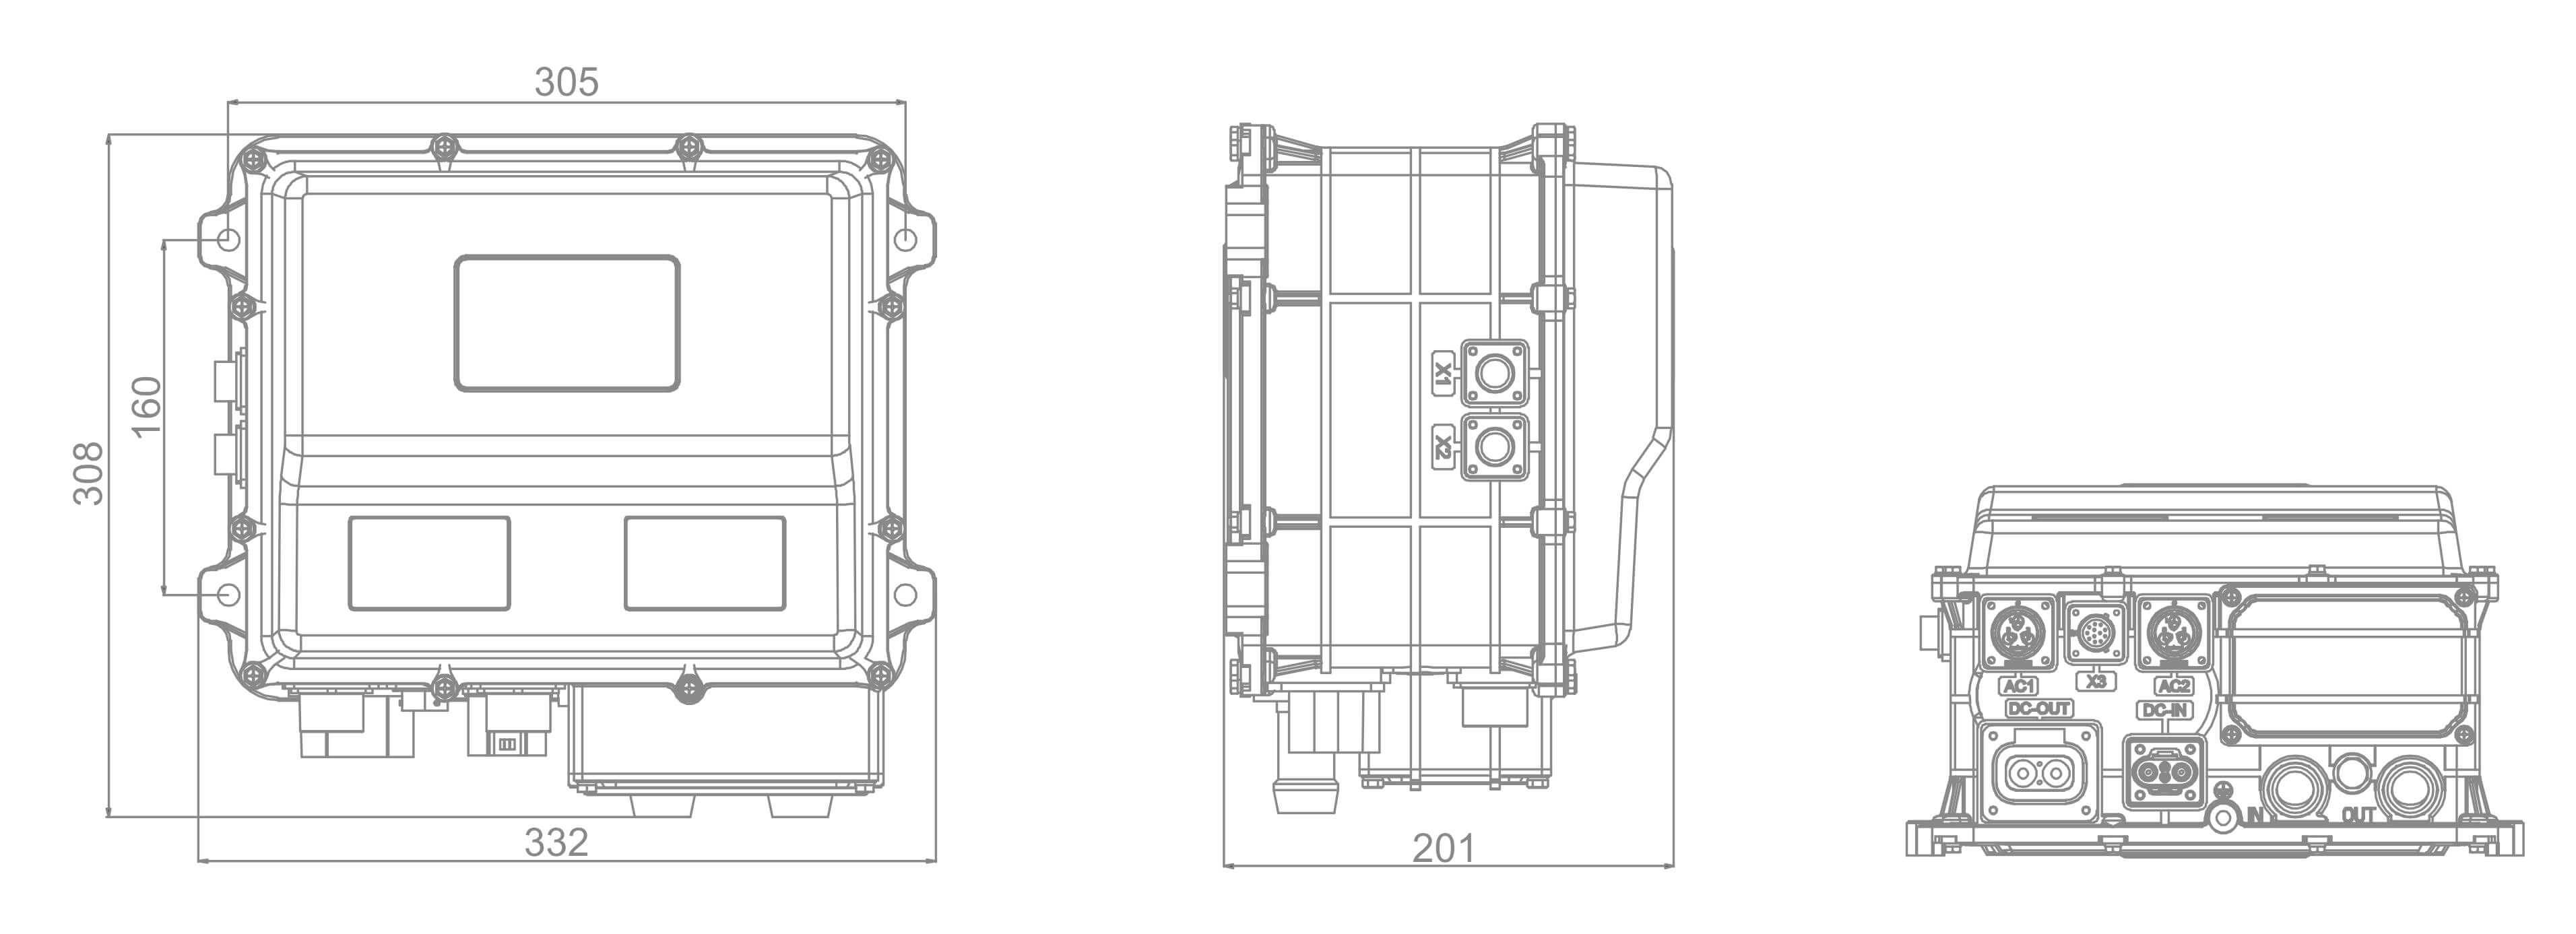 V6-H-4D5.5G & V6-H-4D5.5G/V6-H-4D5.5G